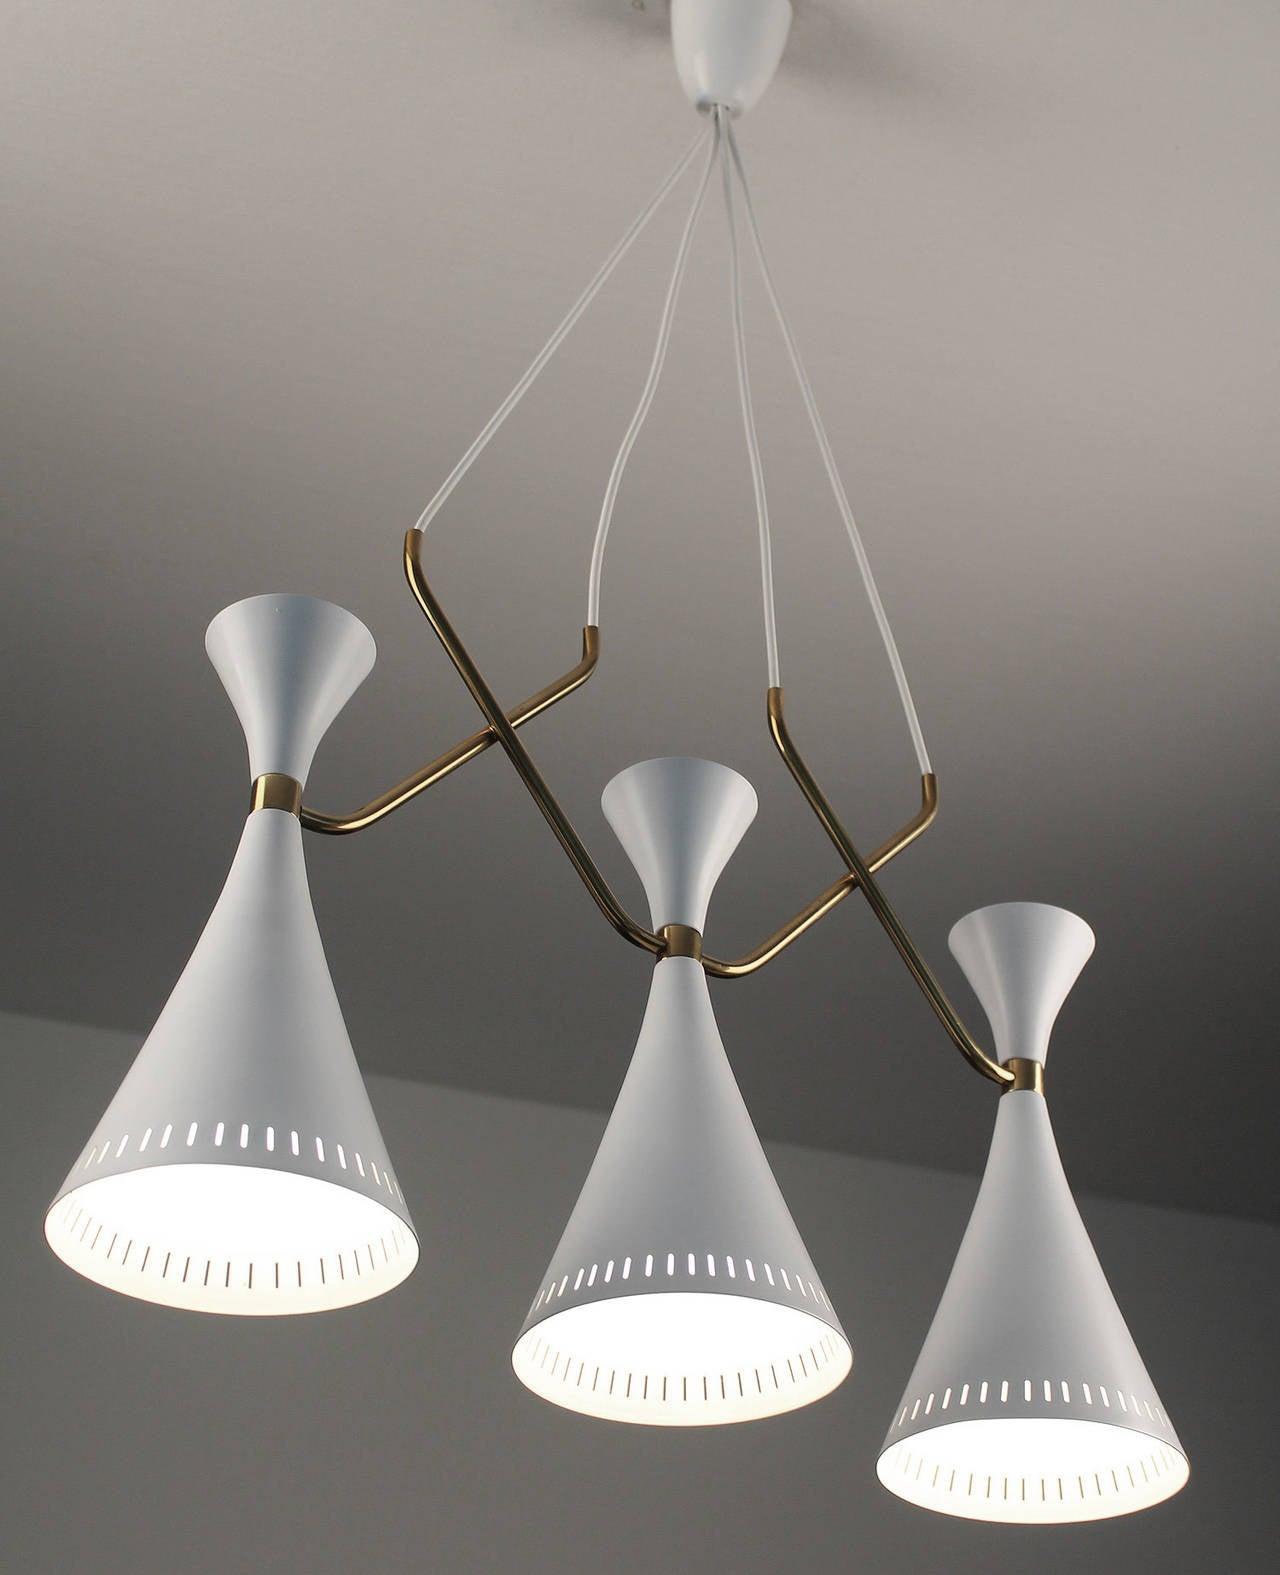 Netdrop Lighting Fixtures : ... Style Ceiling Lights Ceiling Light Fixtures Drop Ceiling Light Round